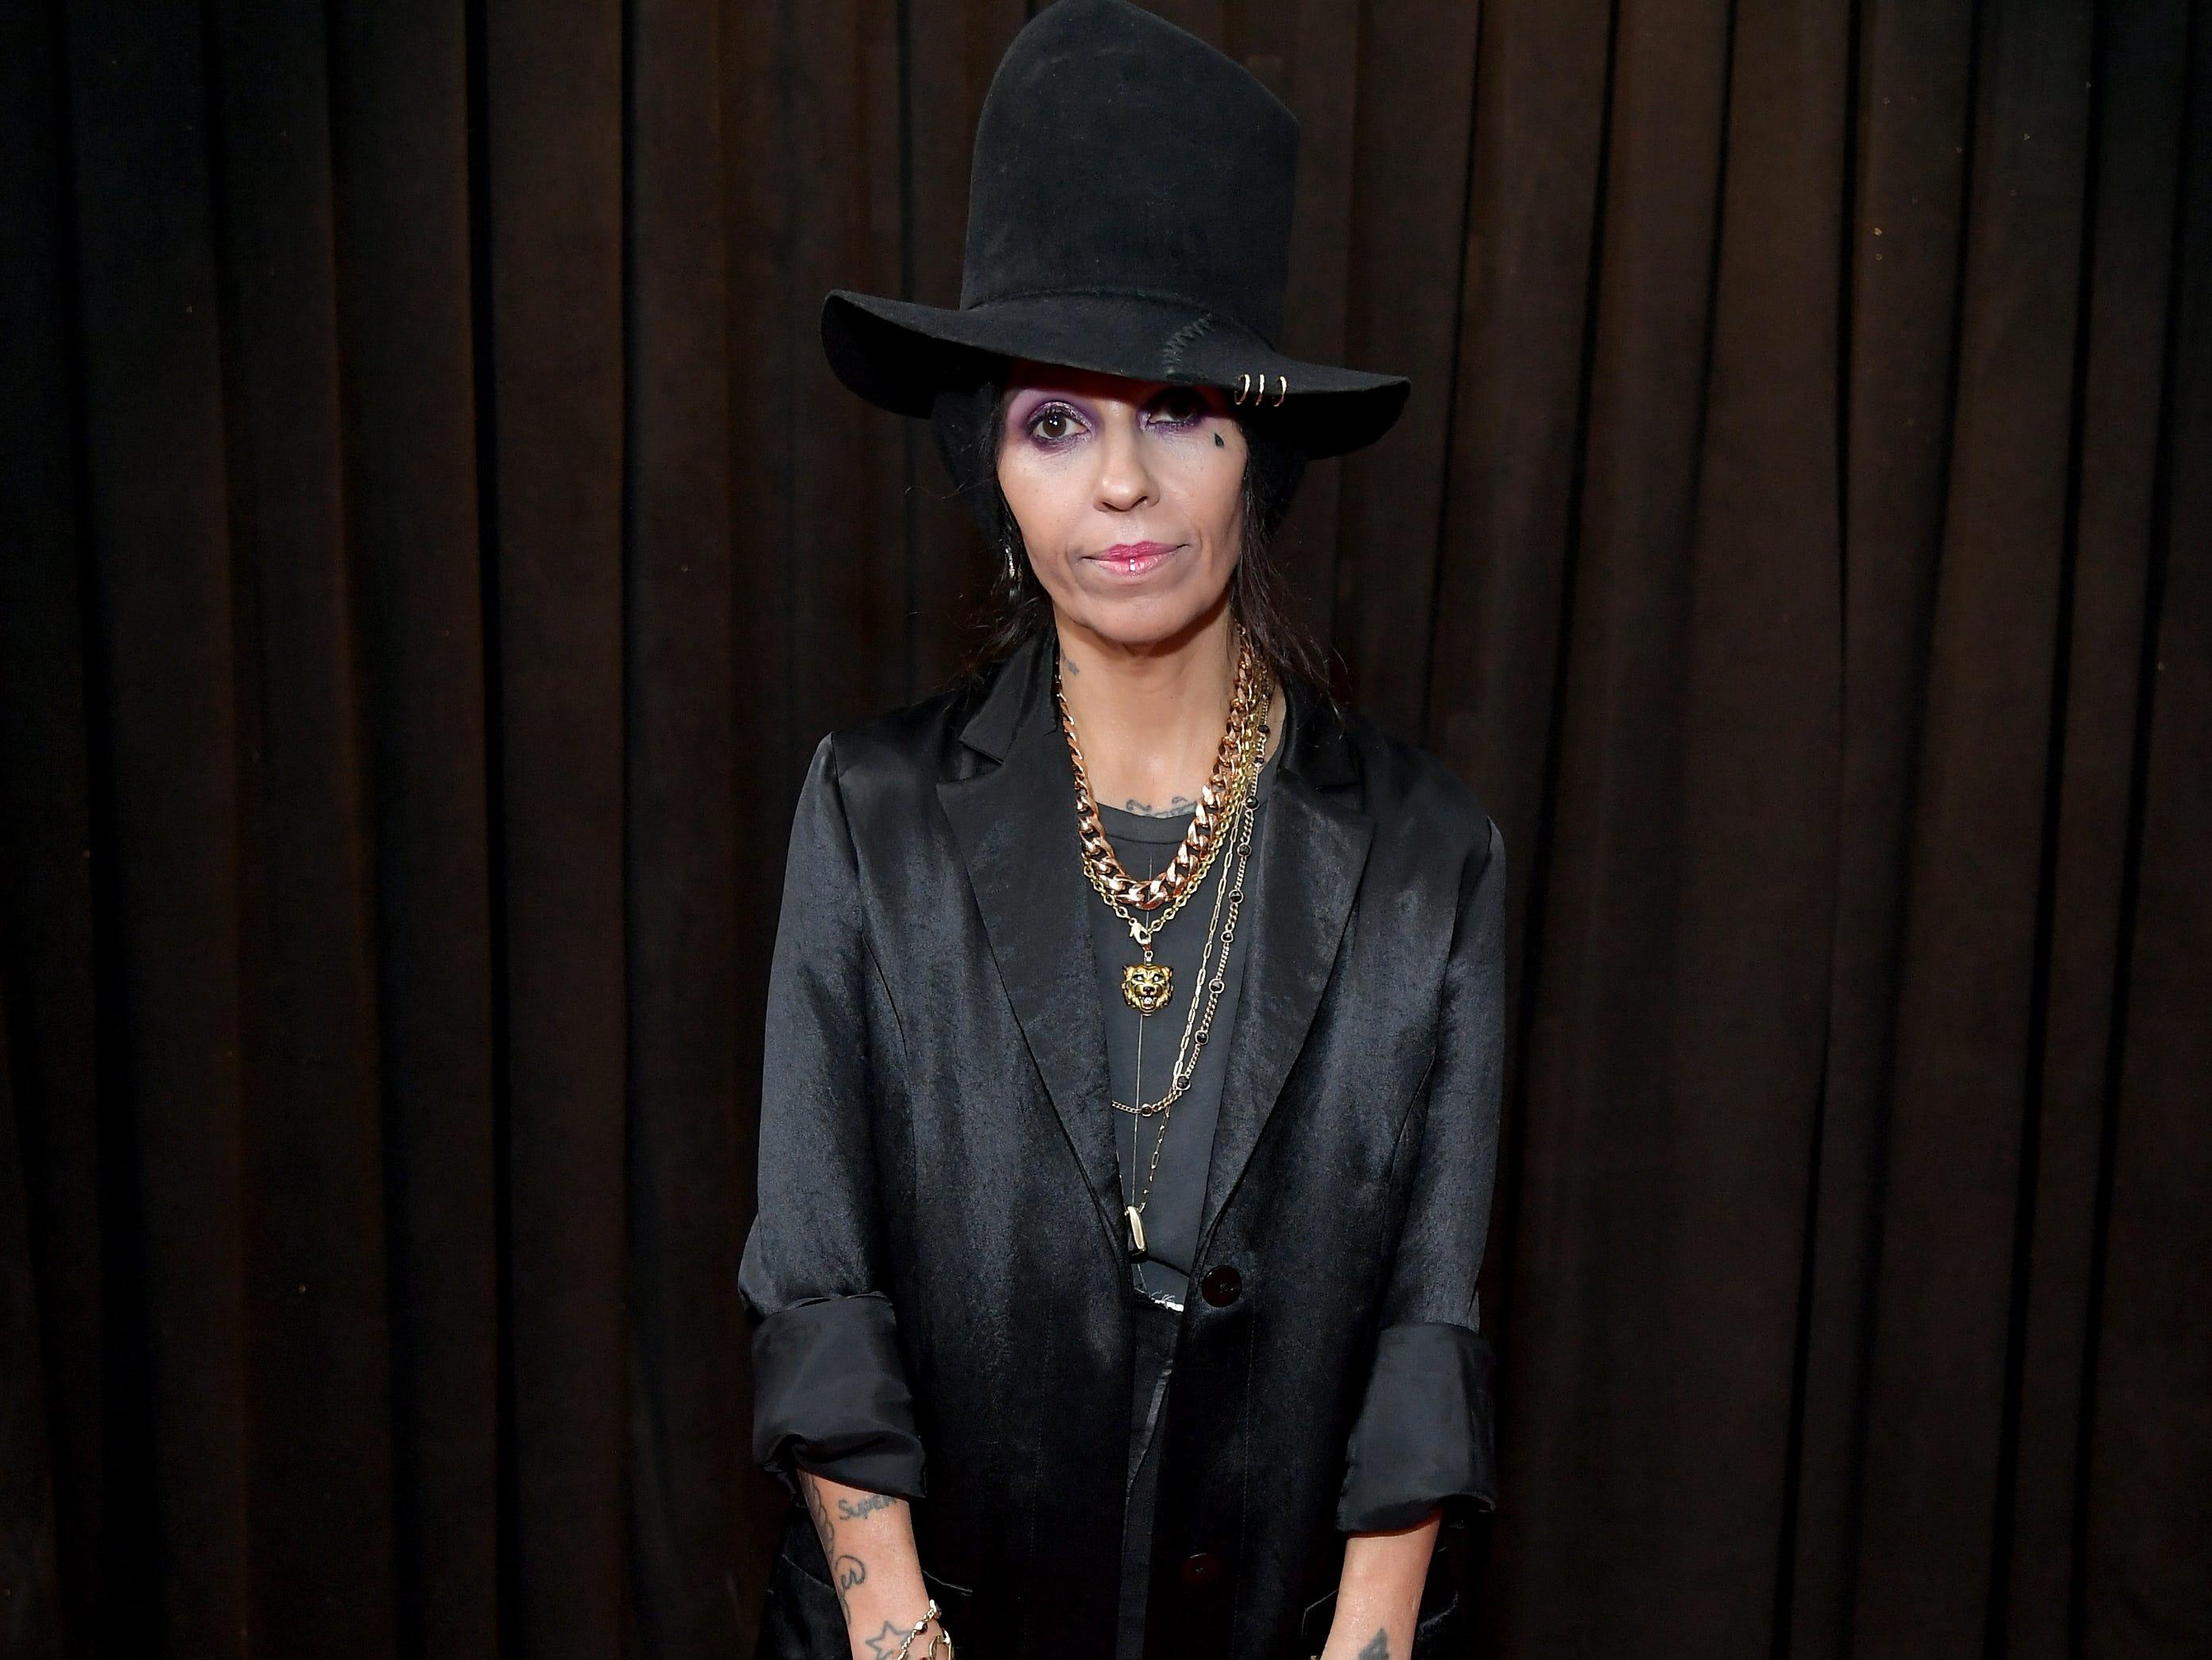 Linda Perry asiste a la 61ª edición de los premios GRAMMY en el Staples Center el 10 de febrero de 2019 en Los Ángeles, California.